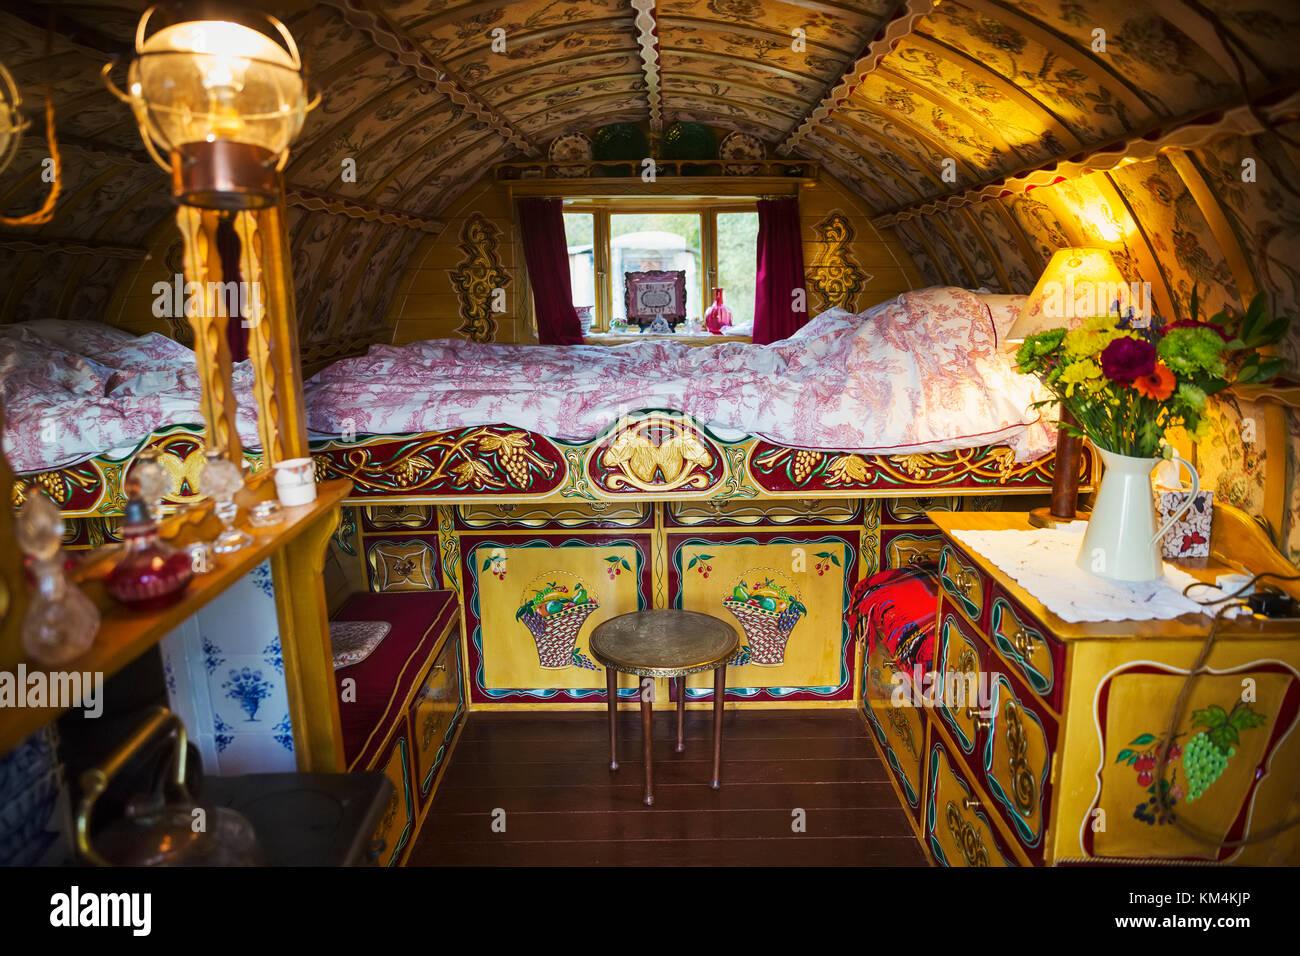 Gypsy caravan interior stock photos gypsy caravan - Interior caravana ...